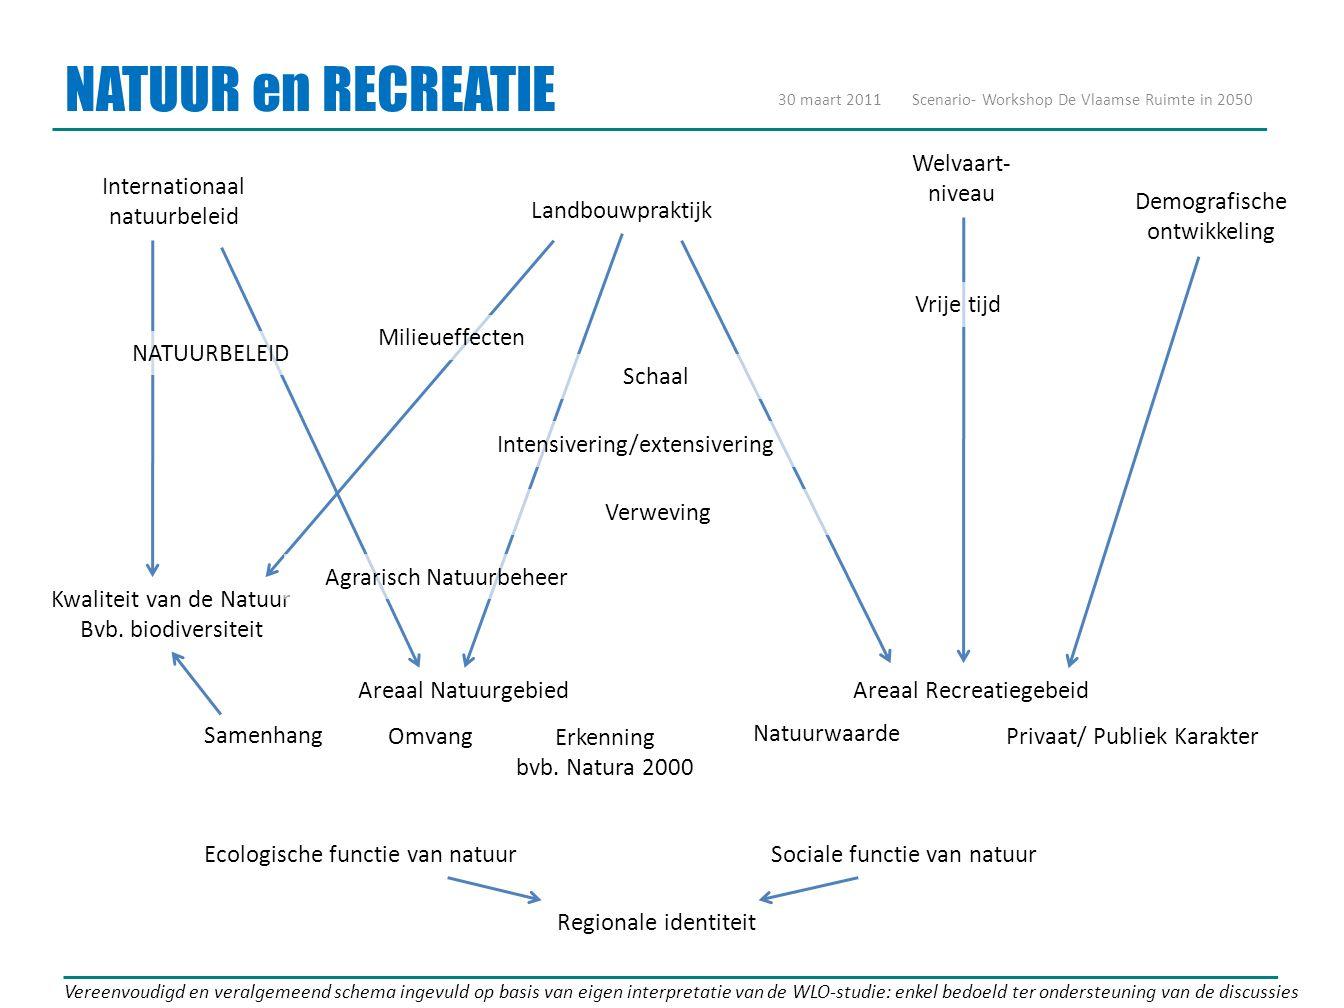 NATUUR en RECREATIE 30 maart 2011Scenario- Workshop De Vlaamse Ruimte in 2050 Vereenvoudigd en veralgemeend schema ingevuld op basis van eigen interpretatie van de WLO-studie: enkel bedoeld ter ondersteuning van de discussies Areaal Recreatiegebeid Landbouwpraktijk Welvaart- niveau Demografische ontwikkeling Areaal Natuurgebied Intensivering/extensivering Schaal Ecologische functie van natuurSociale functie van natuur Kwaliteit van de Natuur Bvb.